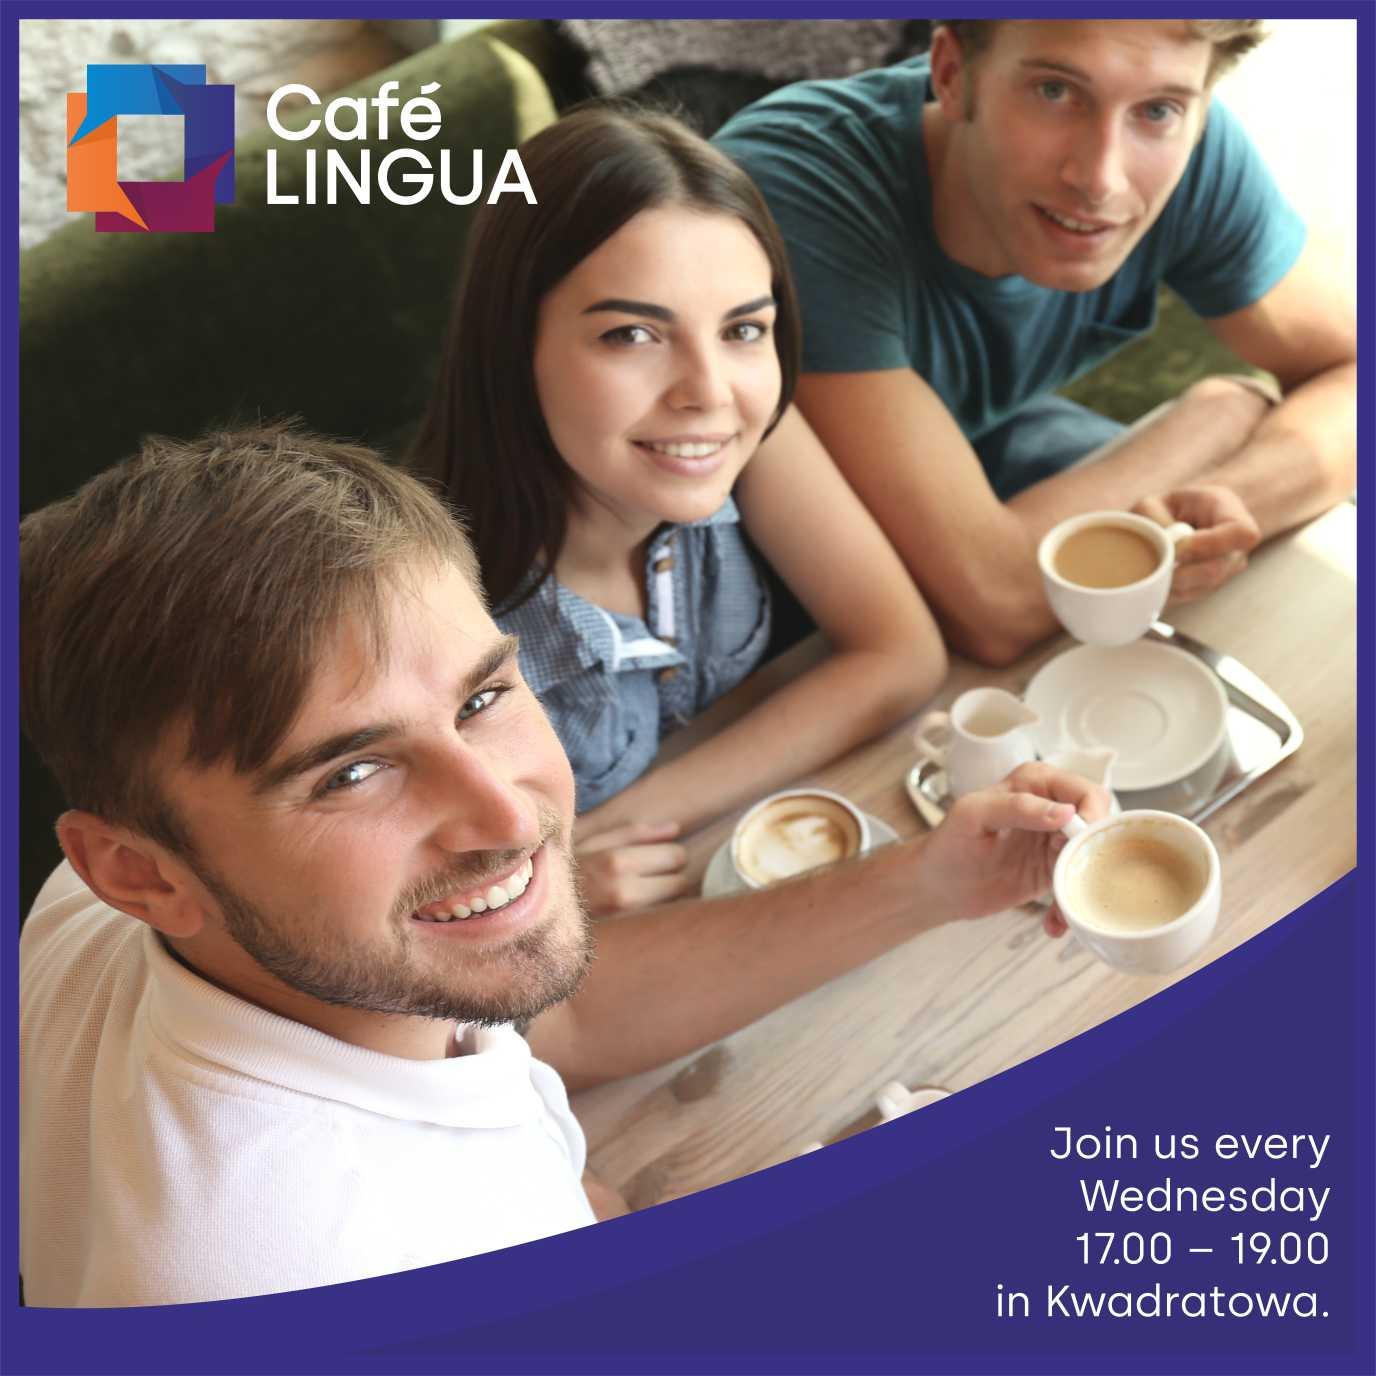 Cafe Lingua